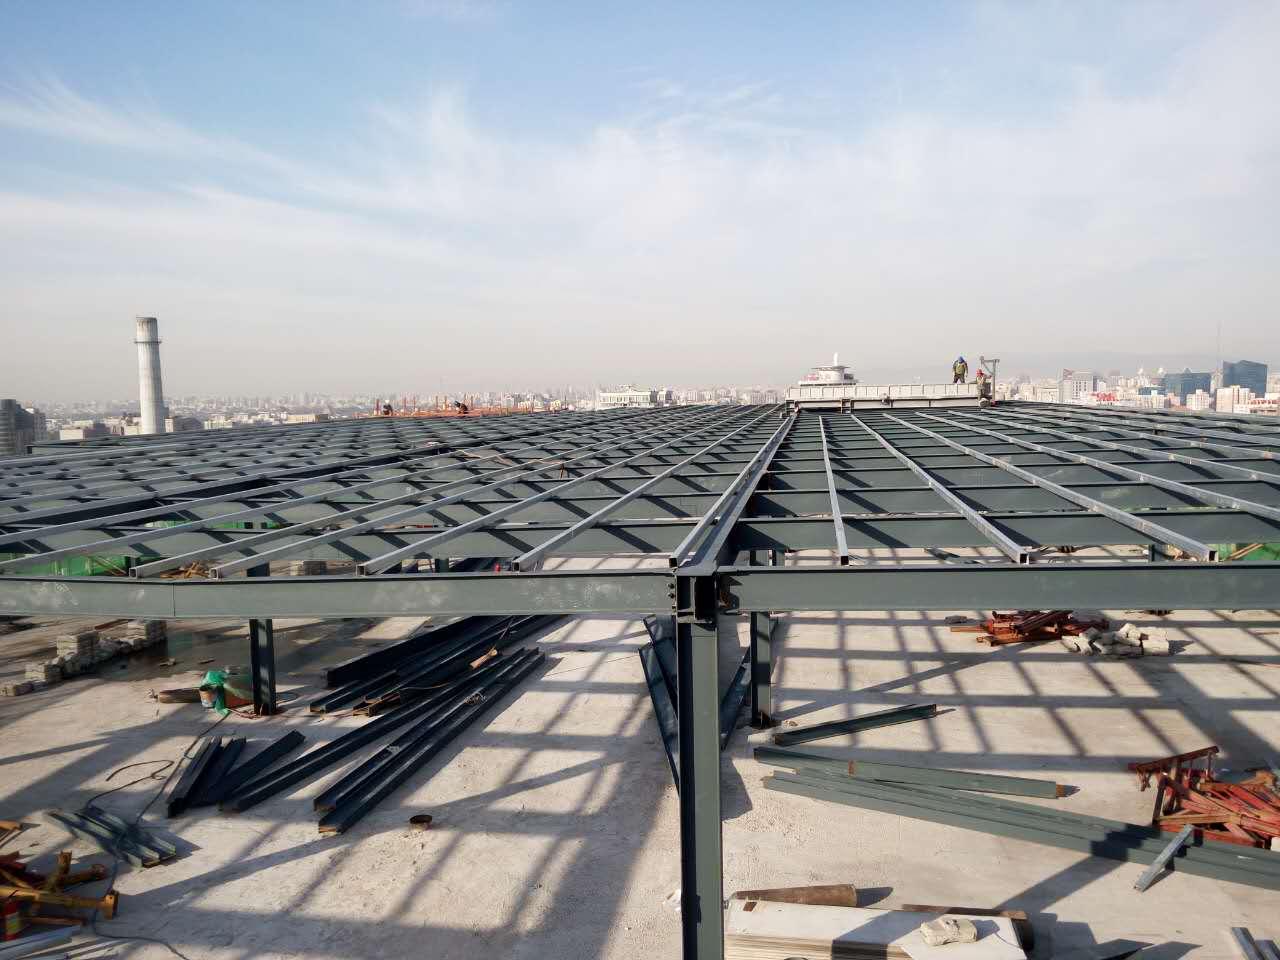 冬季室外钢结构工程防腐施工需注意哪些操作?